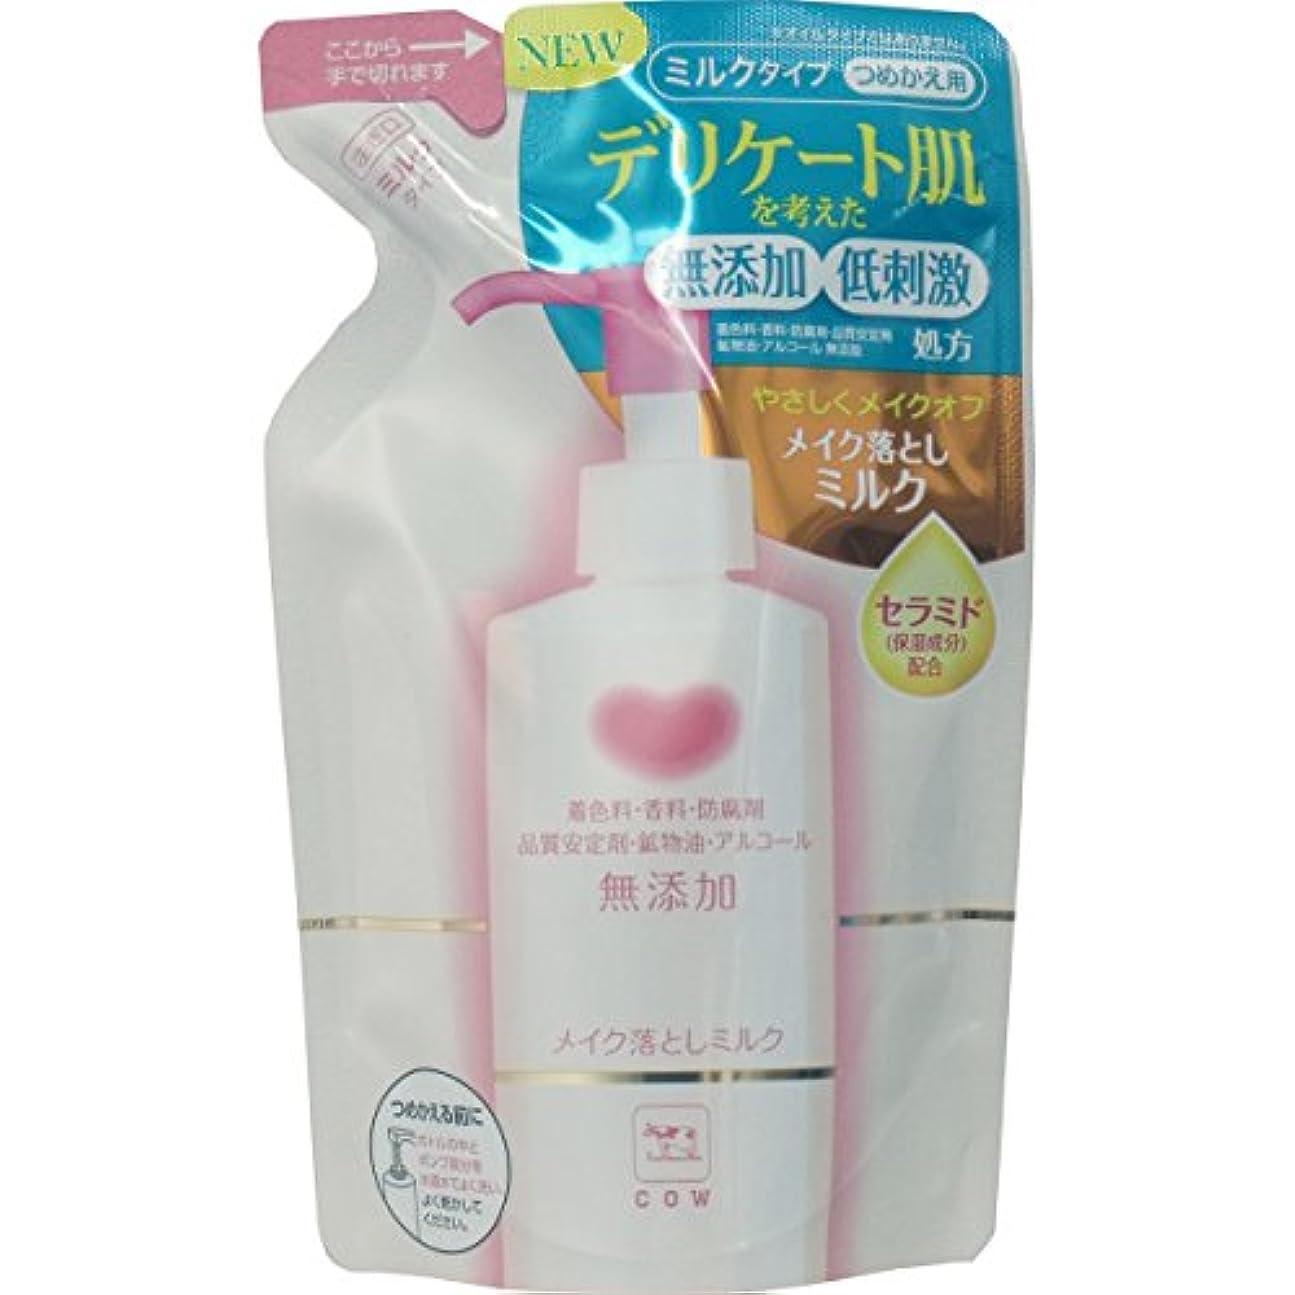 インタフェース試みる足音【牛乳石鹸共進社】カウ無添加 メイク落としミルク つめかえ用 130ml ×3個セット